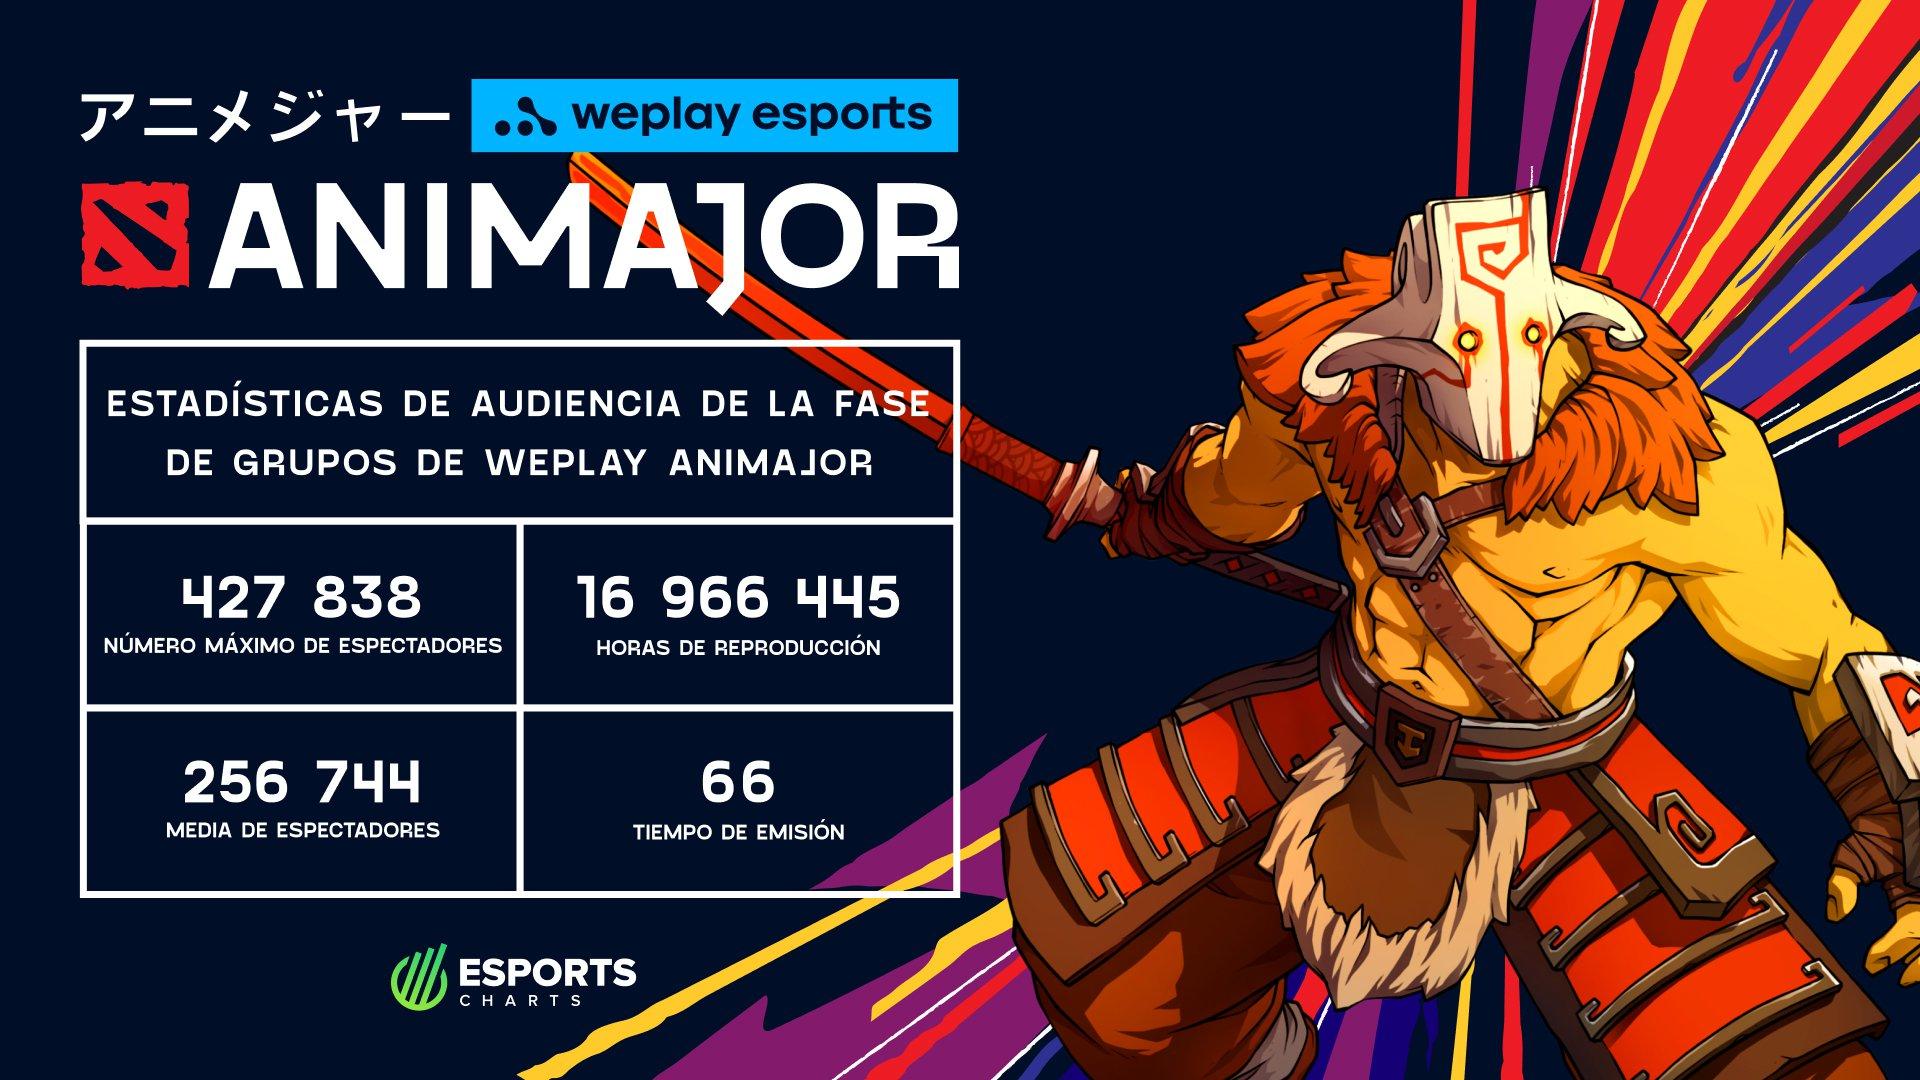 Estadísticas de audiencia de la Fase de grupos de WePlay AniMajor. Imagen: WePlay Esports